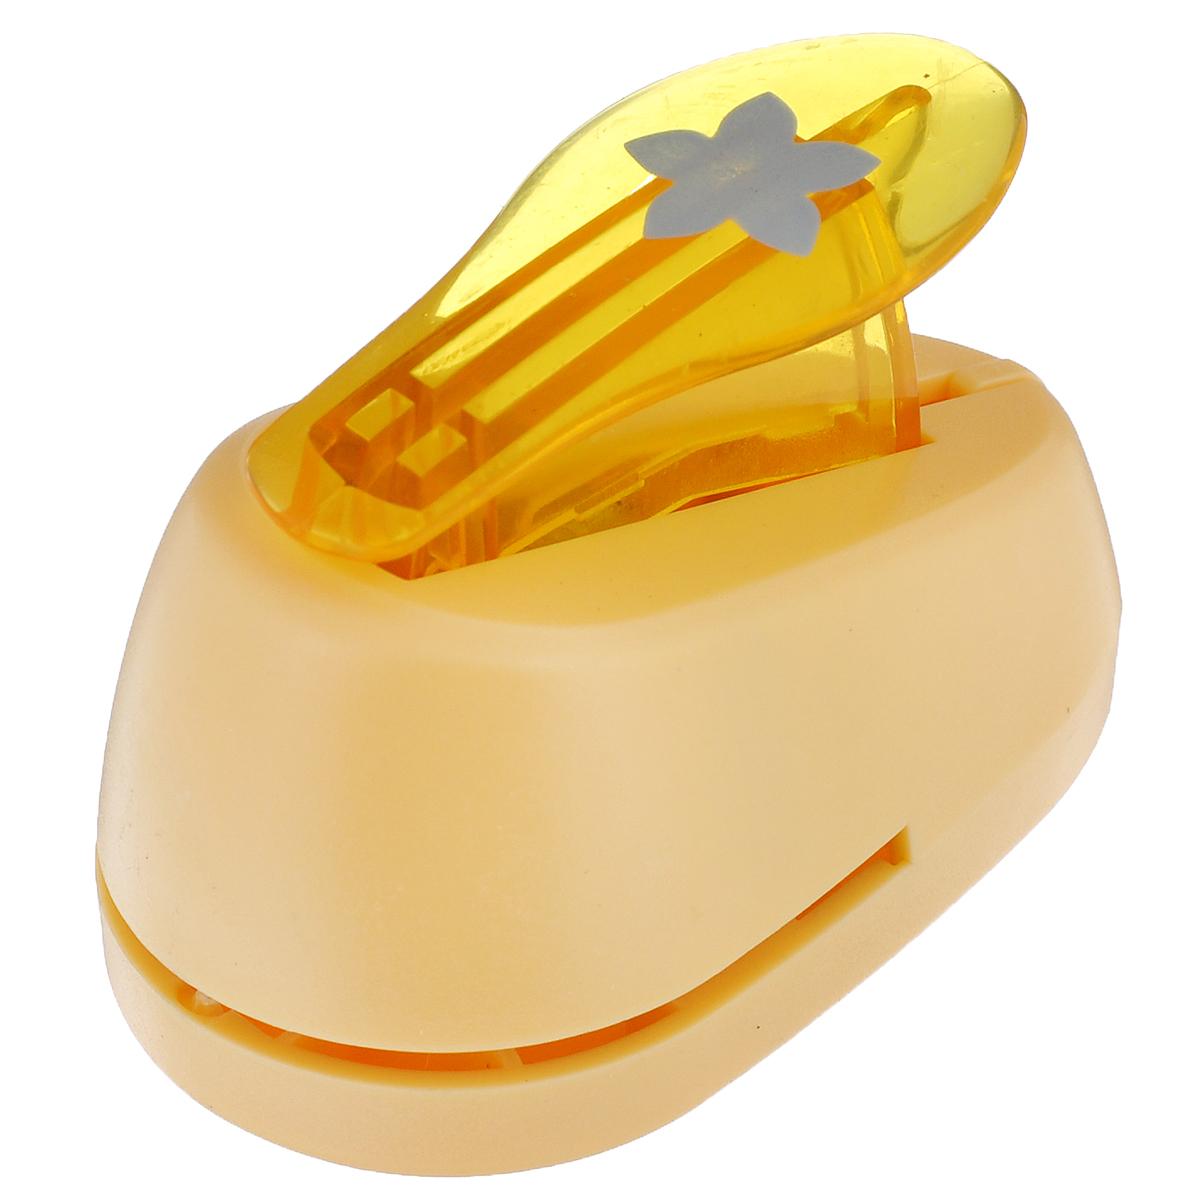 Дырокол фигурный Hobbyboom Цветок, №97, цвет: оранжевый, 1,8 смCD-99S-097_оранжевыйФигурный дырокол Hobbyboom Цветок предназначен для создания творческих работ в технике скрапбукинг. С его помощью можно оригинально оформить открытки, украсить подарочные коробки, конверты, фотоальбомы. Дырокол вырезает из бумаги идеально ровный цветок. Используется для прорезания фигурных отверстий в бумаге. Вырезанный элемент также можно использовать для украшения. Предназначен для бумаги определенной плотности - до 140 г/м2. При применении на бумаге большей плотности или на картоне дырокол быстро затупится. Чтобы заточить нож компостера, нужно прокомпостировать самую тонкую наждачку. Чтобы смазать режущий механизм - парафинированную бумагу. Порядок работы: вставьте лист бумаги или картона в дырокол и надавите рычаг. Диаметр вырезаемой части: 1,8 см.